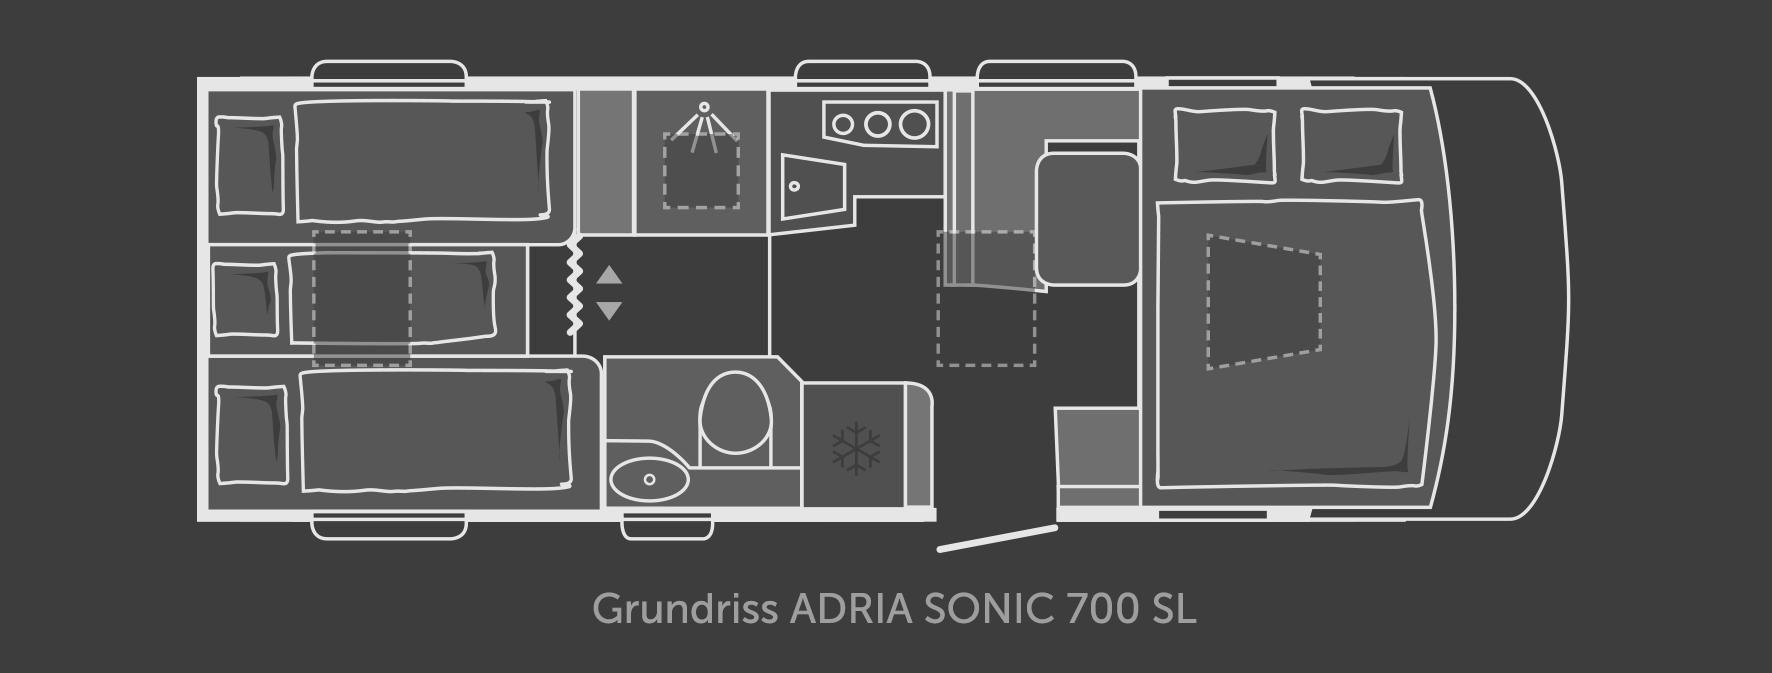 Grundriss Adria Sonic.jpg | Camper Deluxe